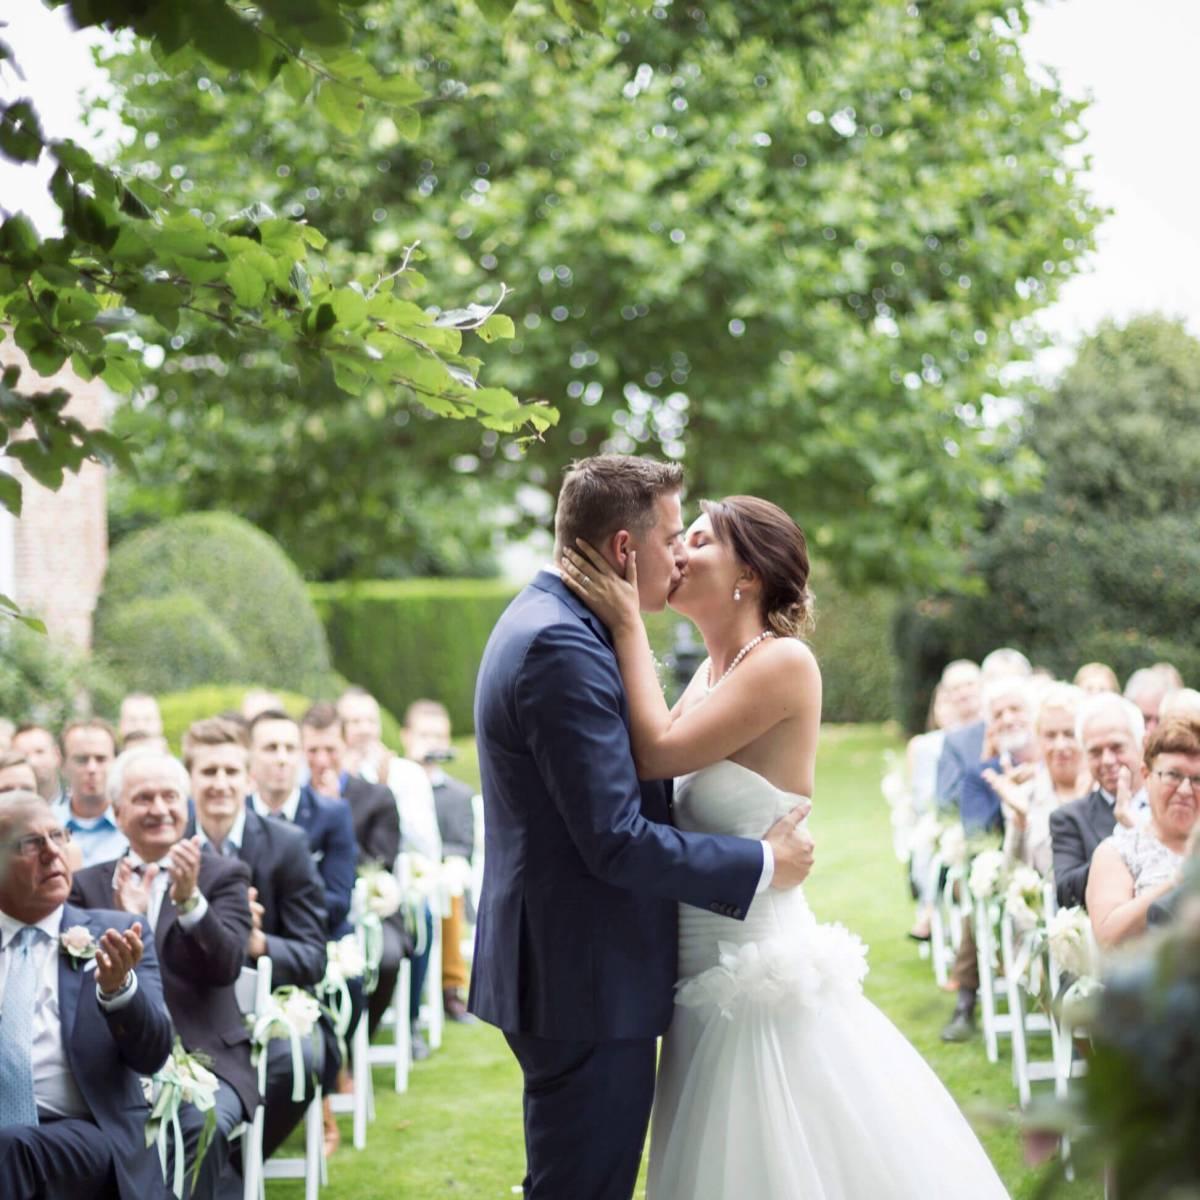 Tine De Donder - Huwelijksceremonie - Ceremoniespreker - Katleen Claes - House of Weddings 19